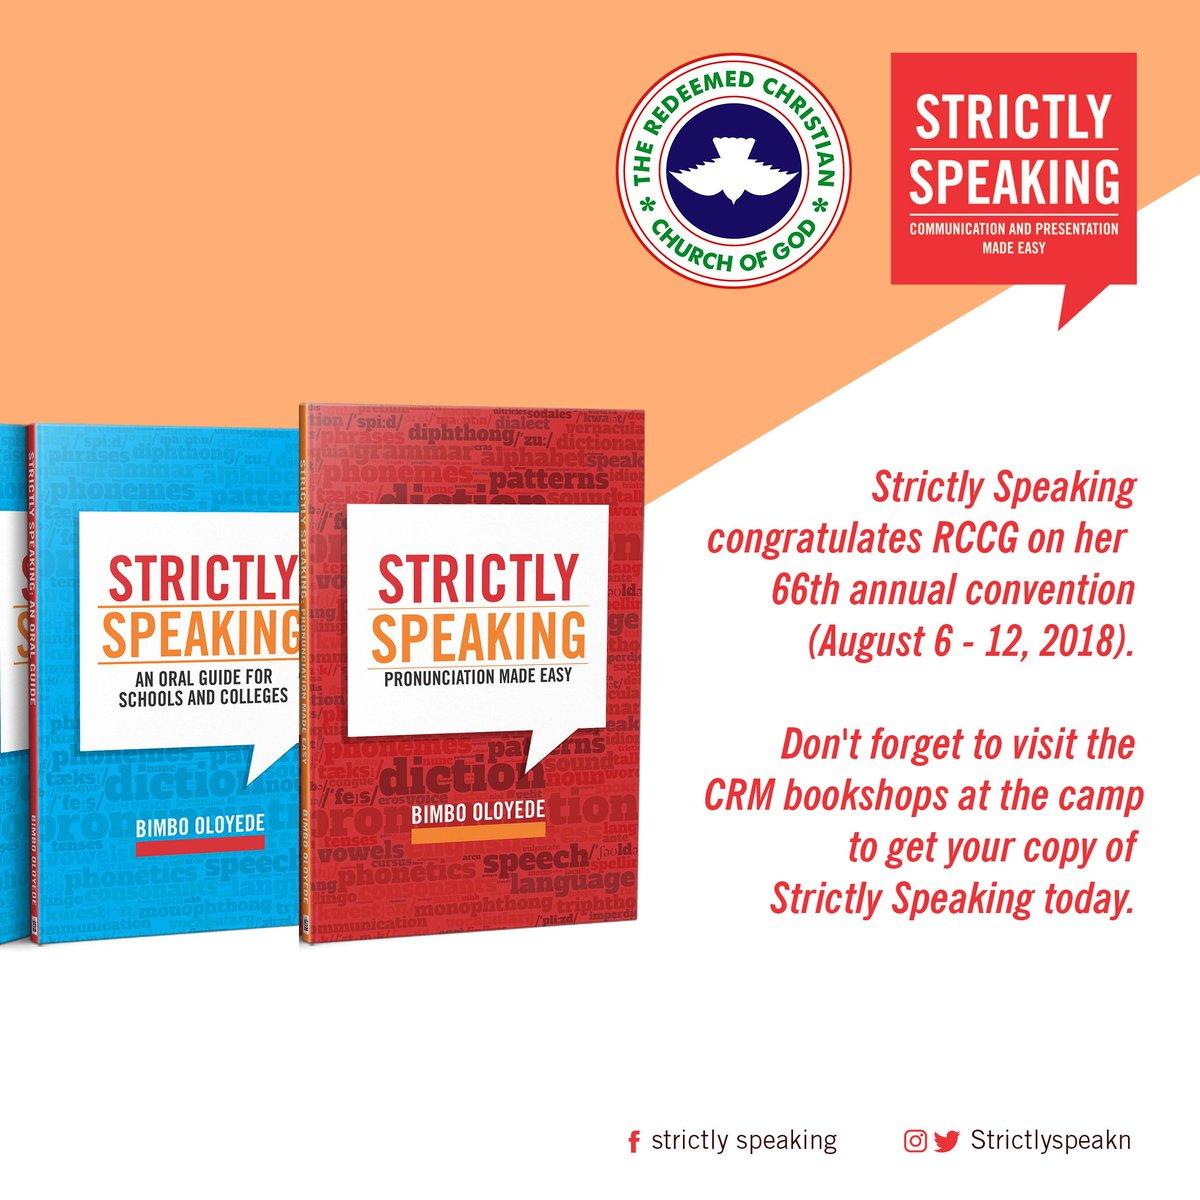 Strictly Speaking (@StrictlySpeakn) | Twitter